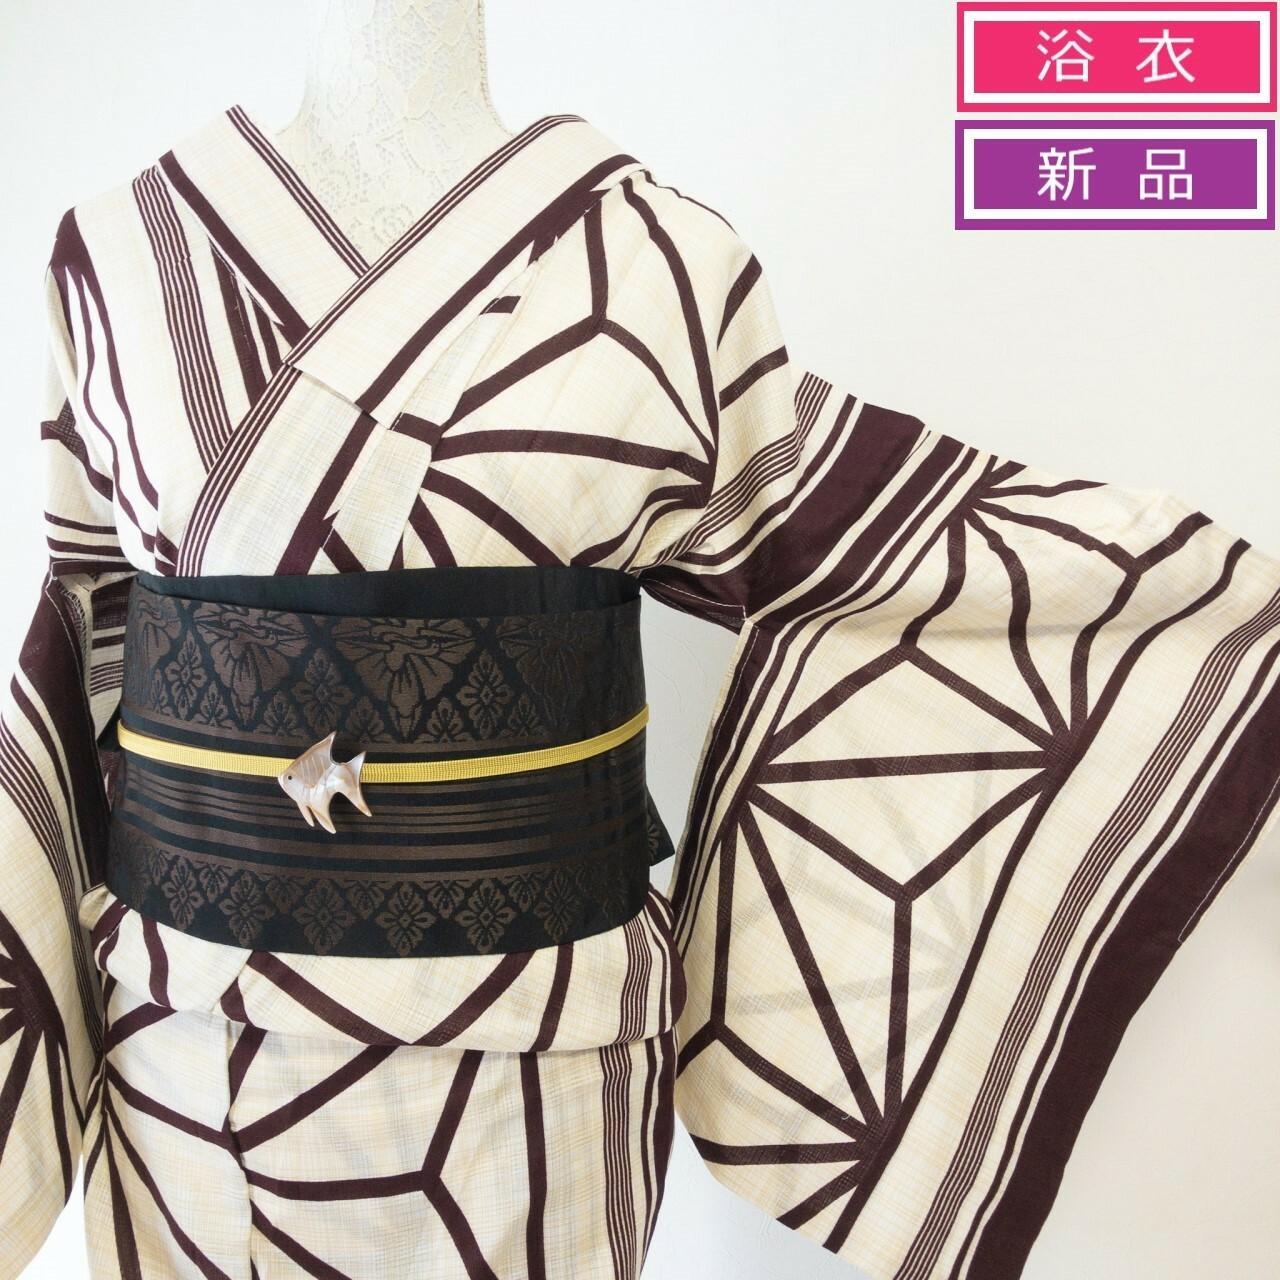 【新品】プレタ浴衣 綿麻変わり織 格子地に縞と麻の葉 生成×海老茶